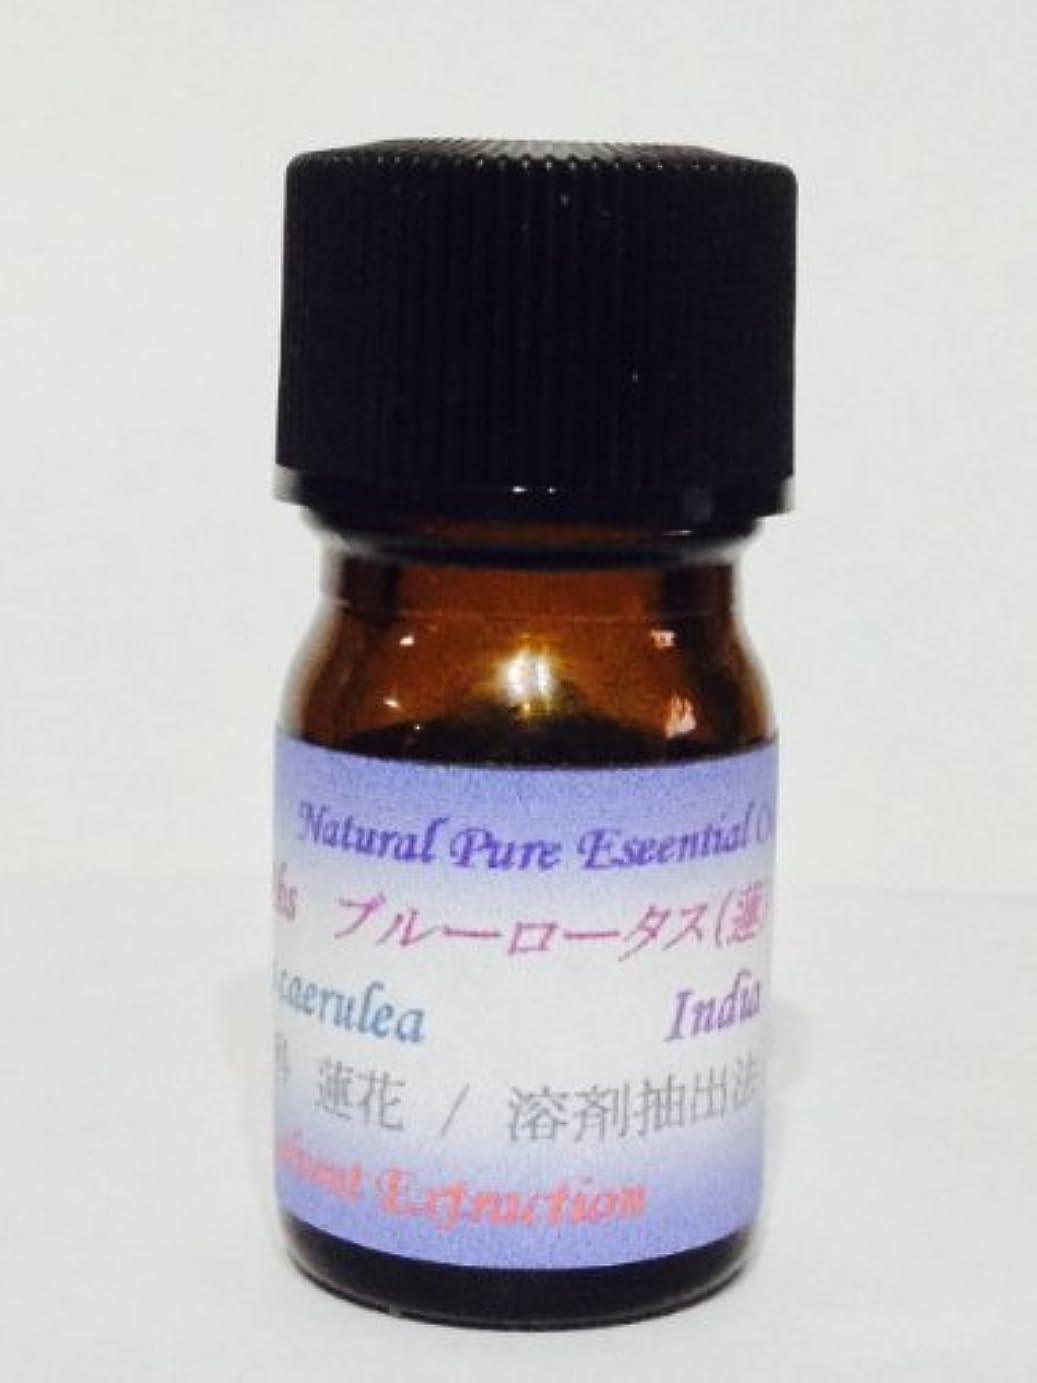 カビめんどり終わりブルーロータスAbs (アブソリュード) 天然精油 10ml 100%ピュアエッセンシャルオイル 天然アロマ